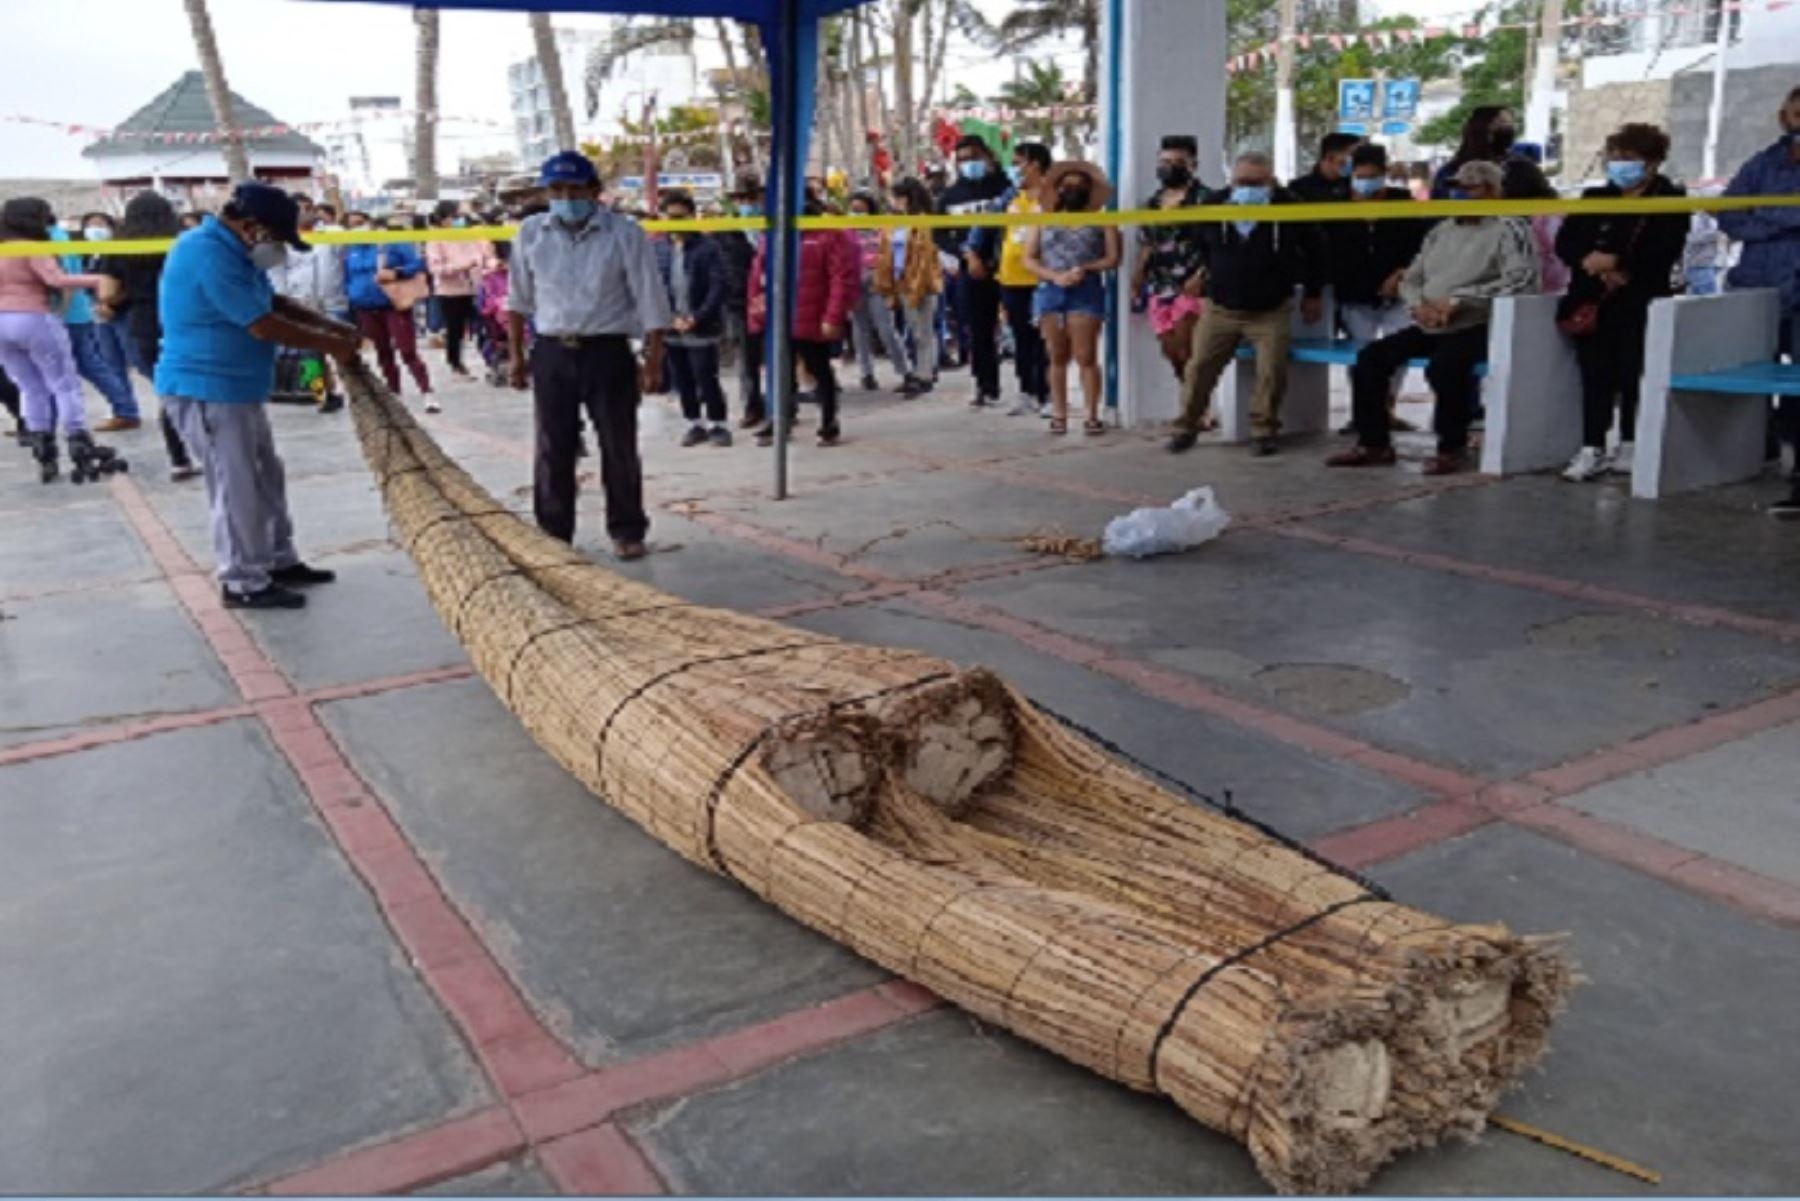 Actividad fue organizada por la Municipalidad Distrital de Huanchaco y la Comisión Bicentenario de La Libertad,